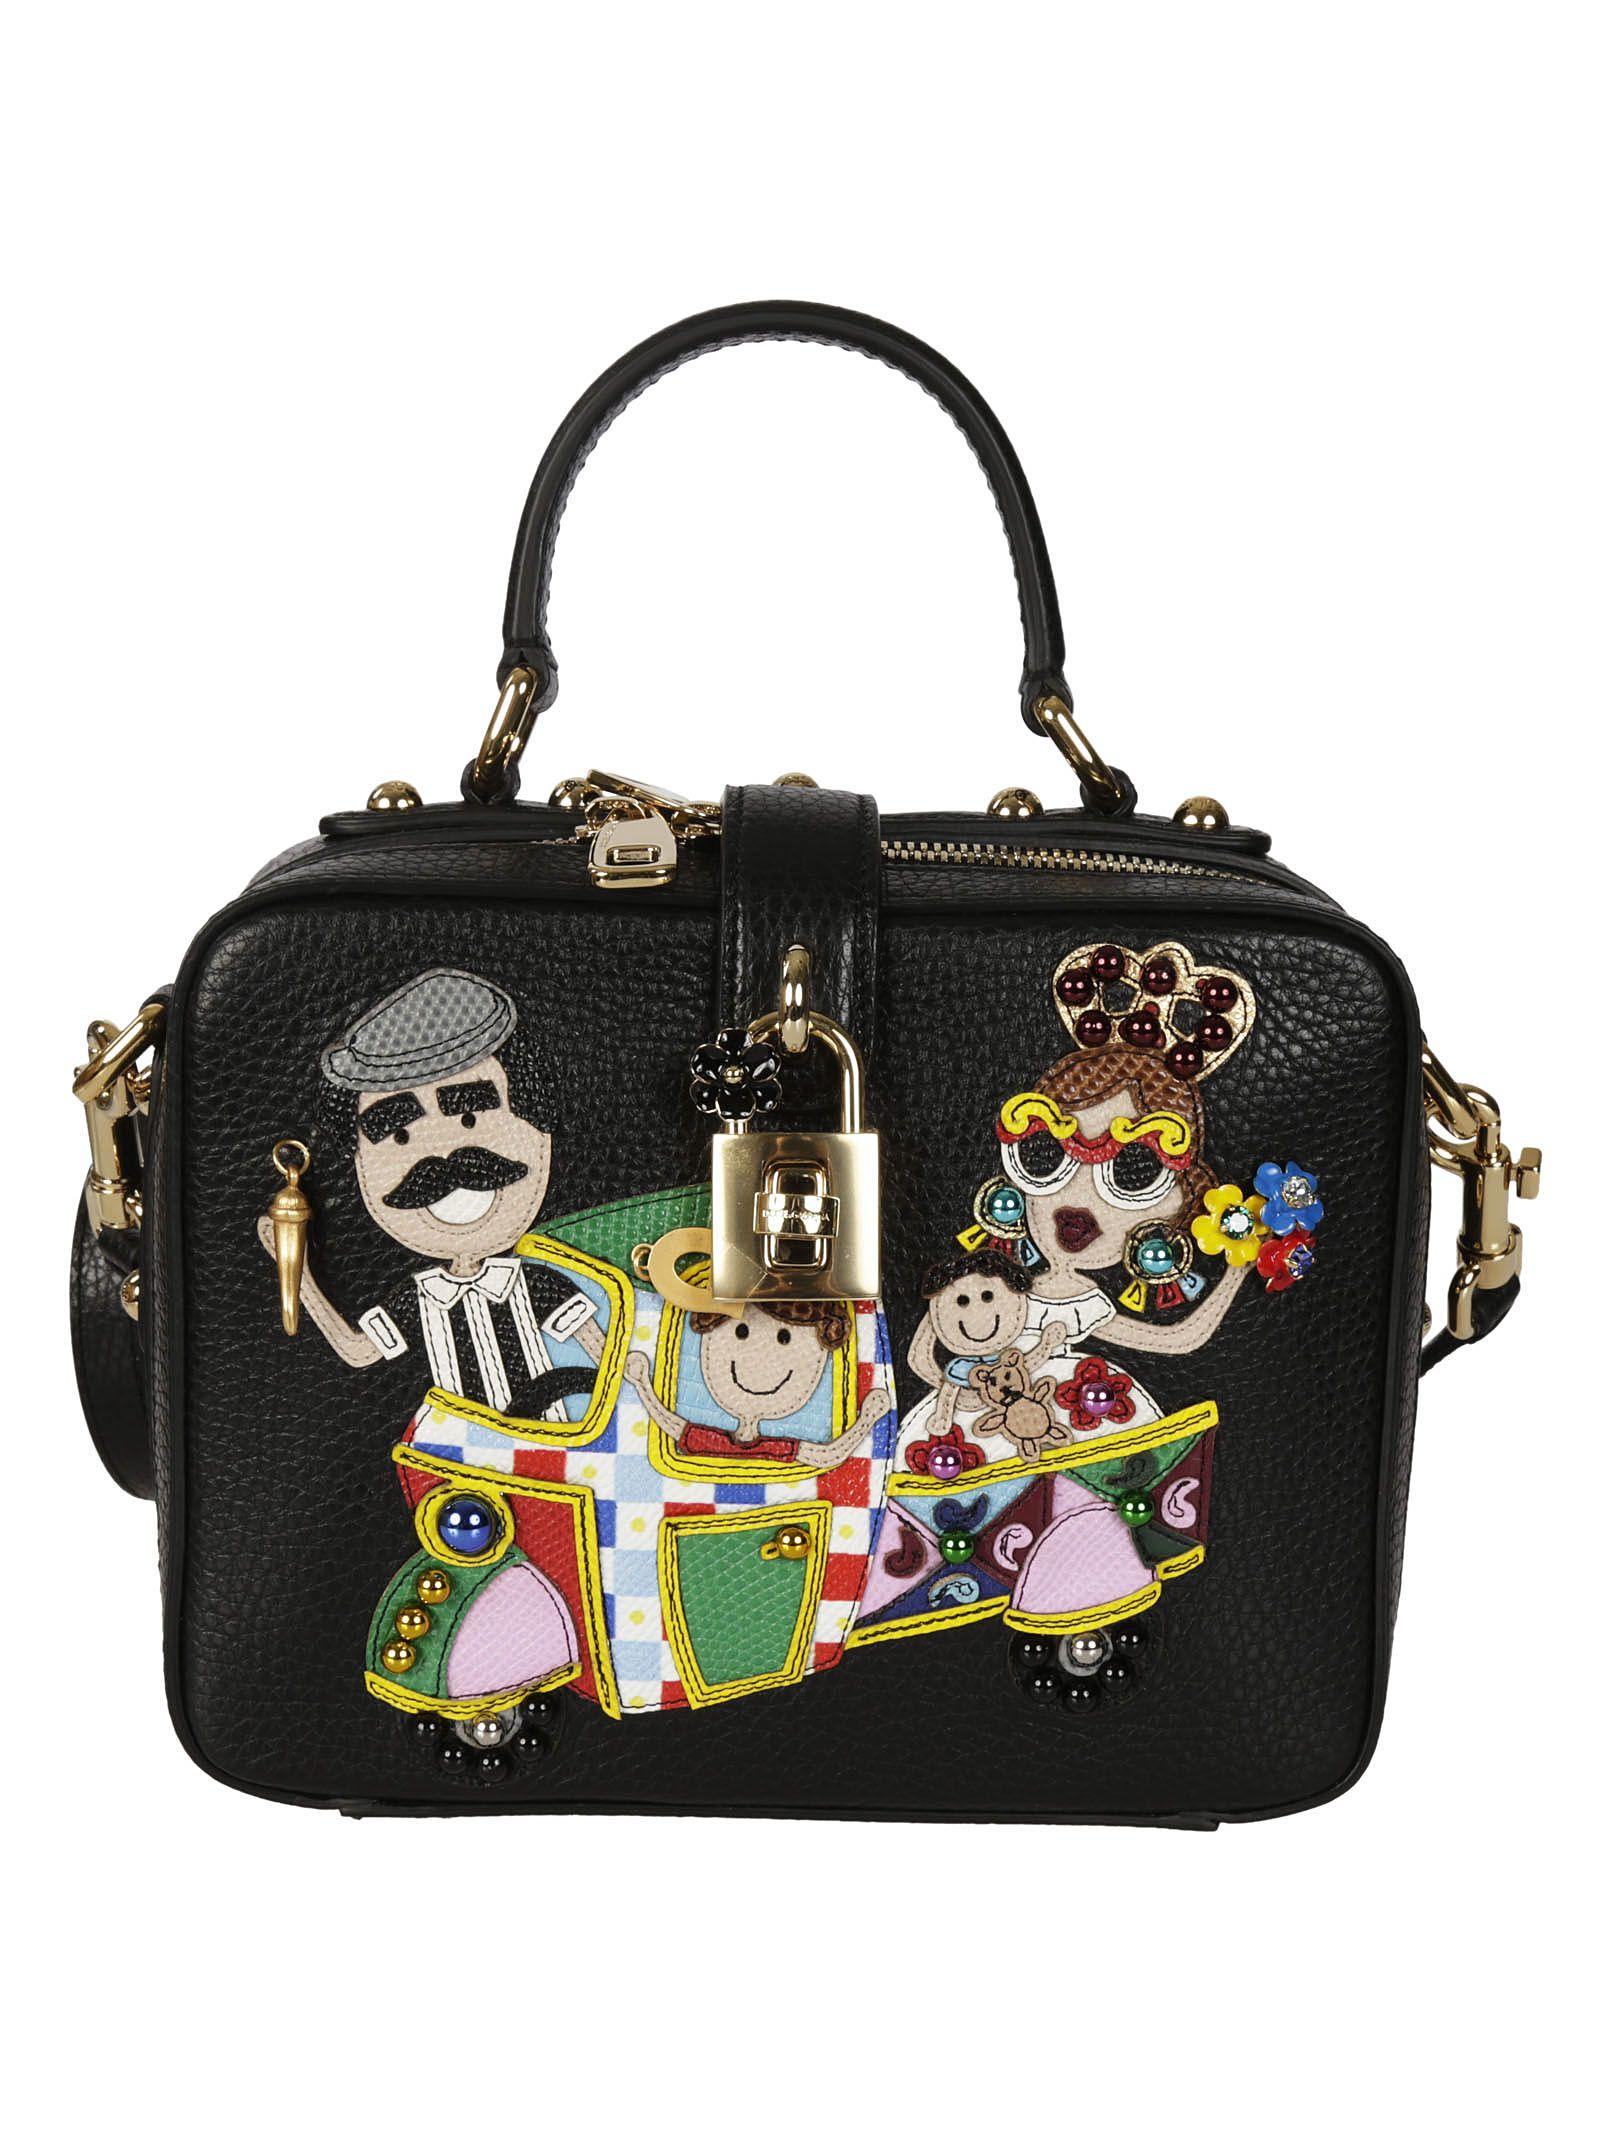 Dolce & Gabbana Patch Detail Shoulder Bag